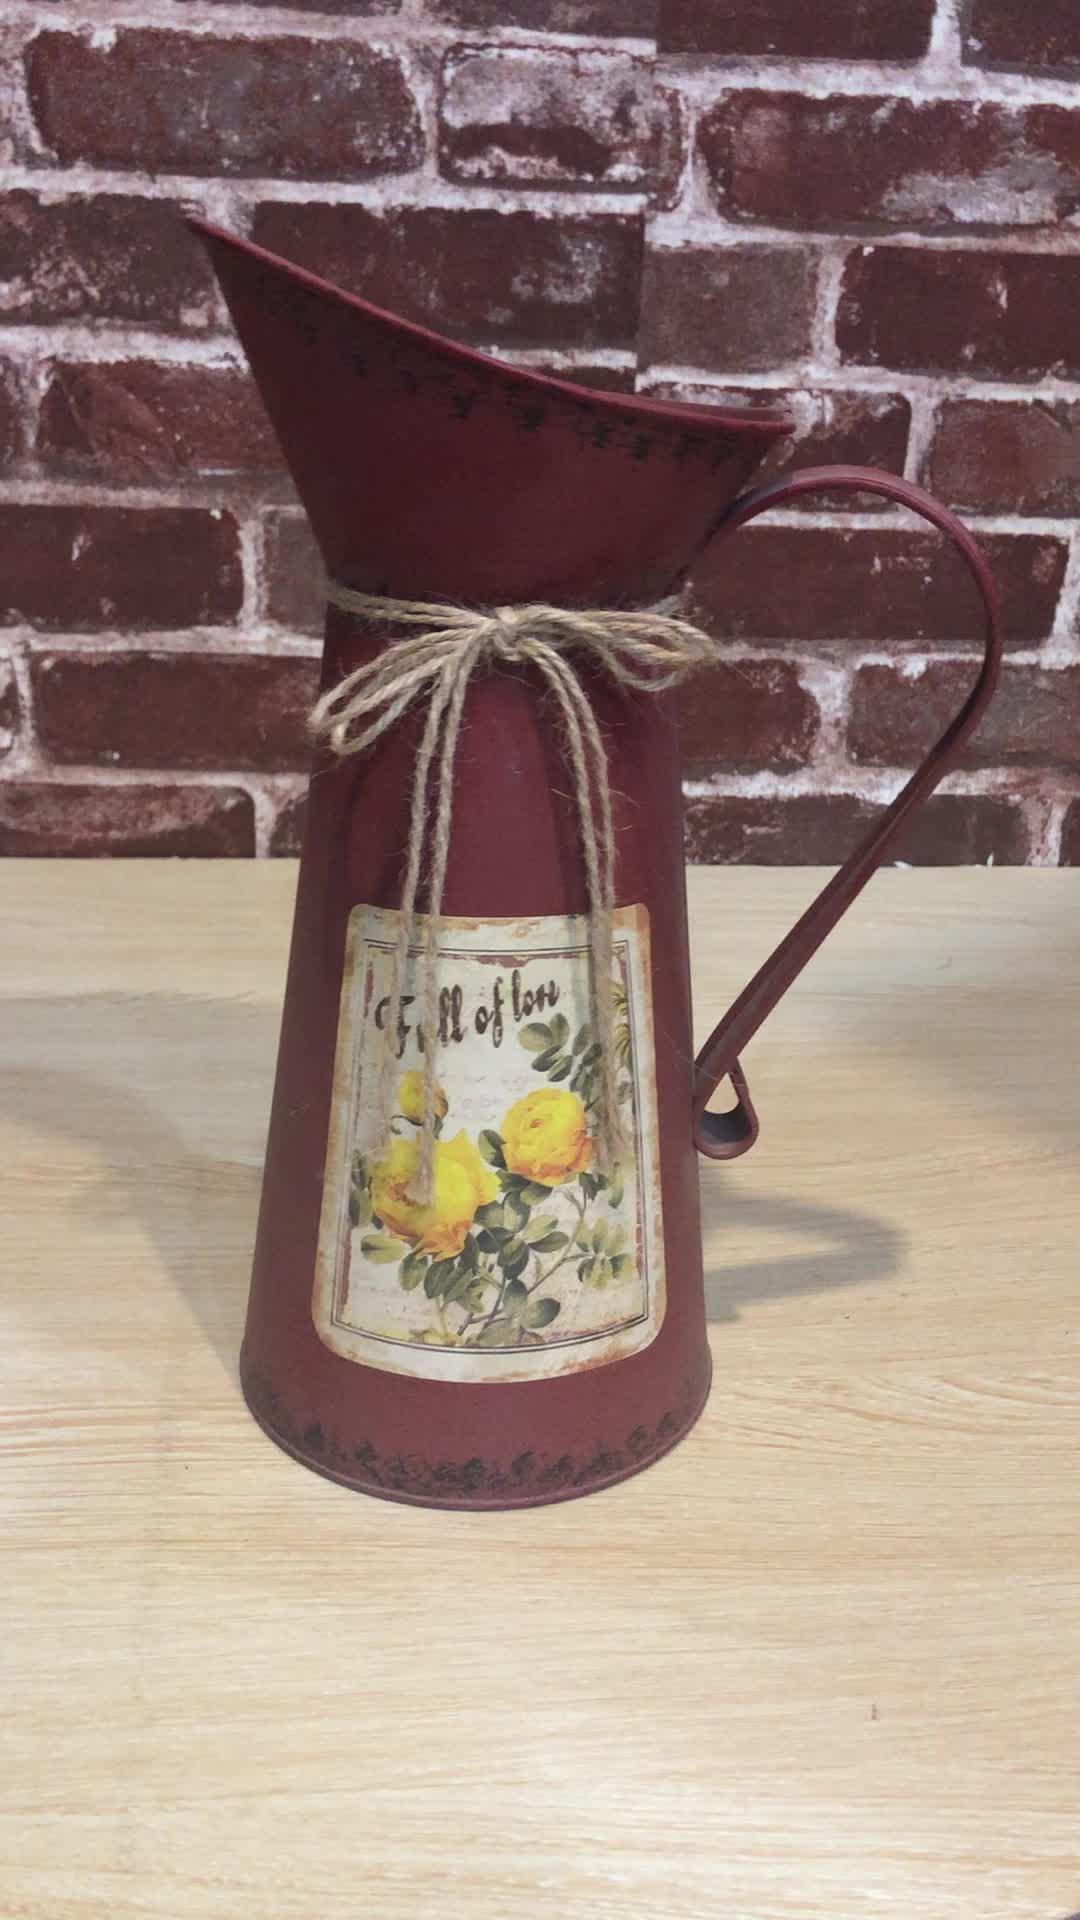 2019 Coreano mini vasos de flores vaso de flores cor brilhante jarro vaso vasos de flores de metal barato para as crianças da escola decoração do jardim